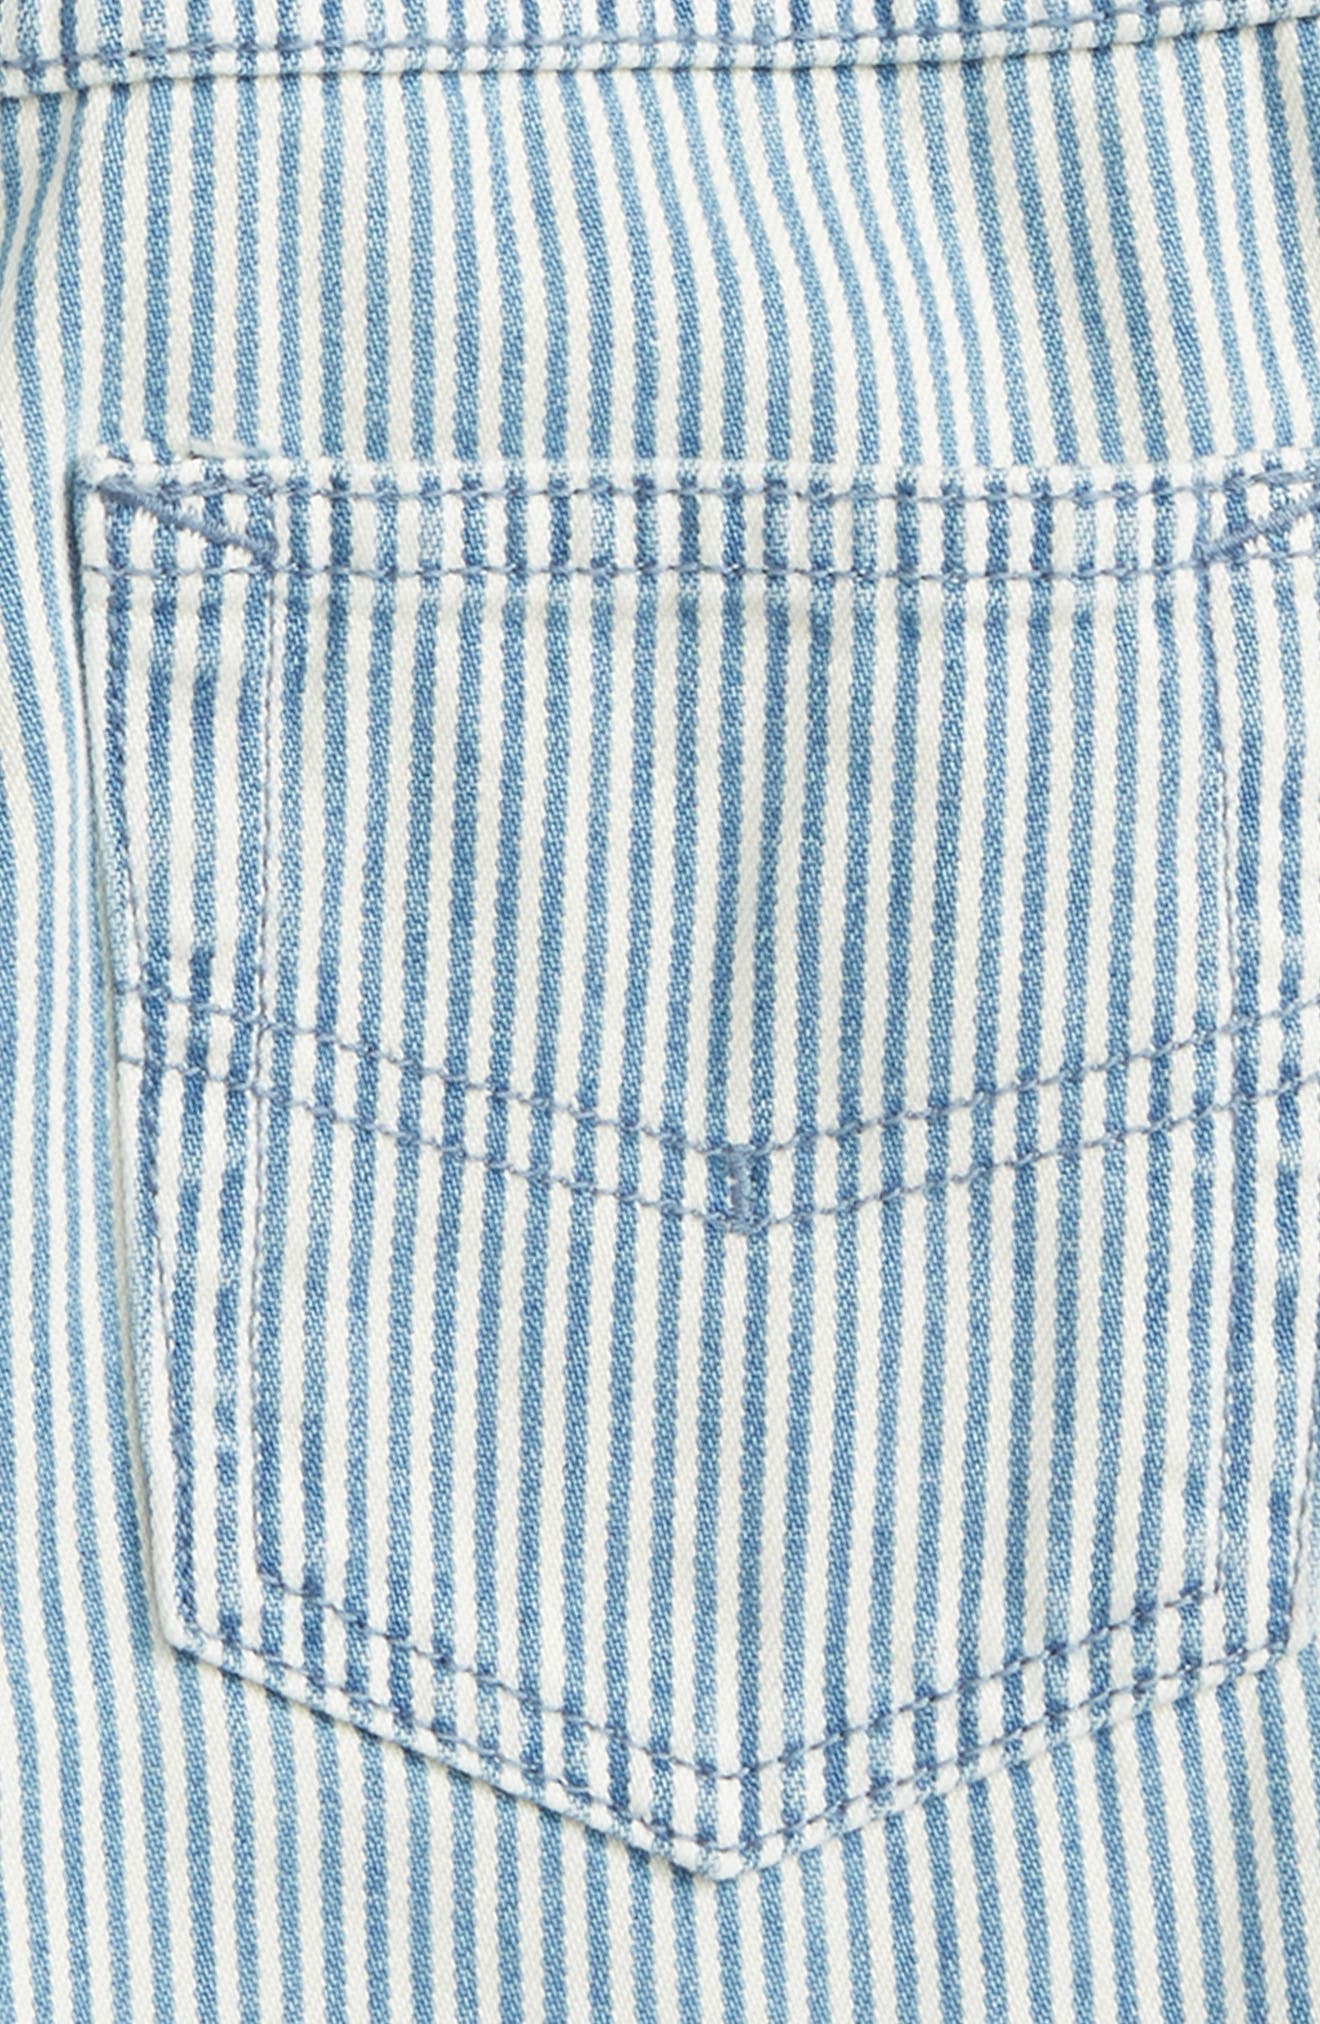 Stripe Shorts,                             Alternate thumbnail 3, color,